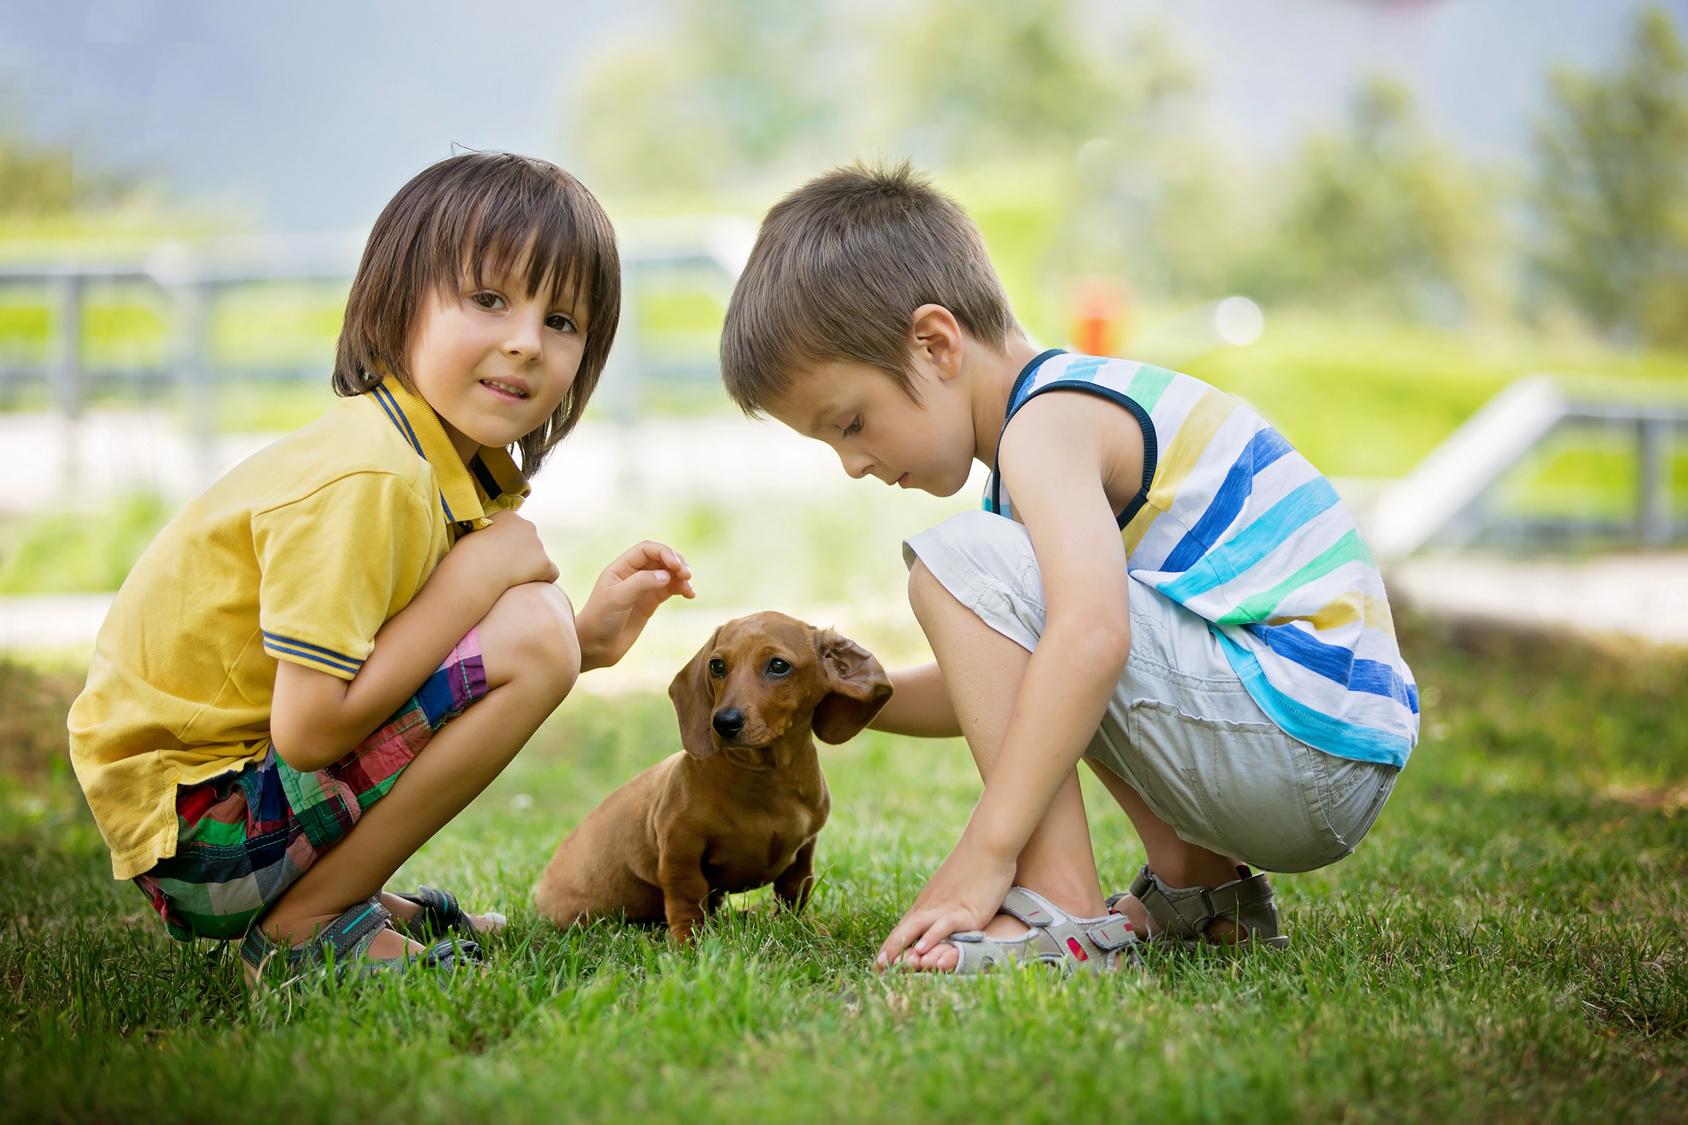 Scharlach Bei Kindern Diese Tipps Helfen Heimarbeit De